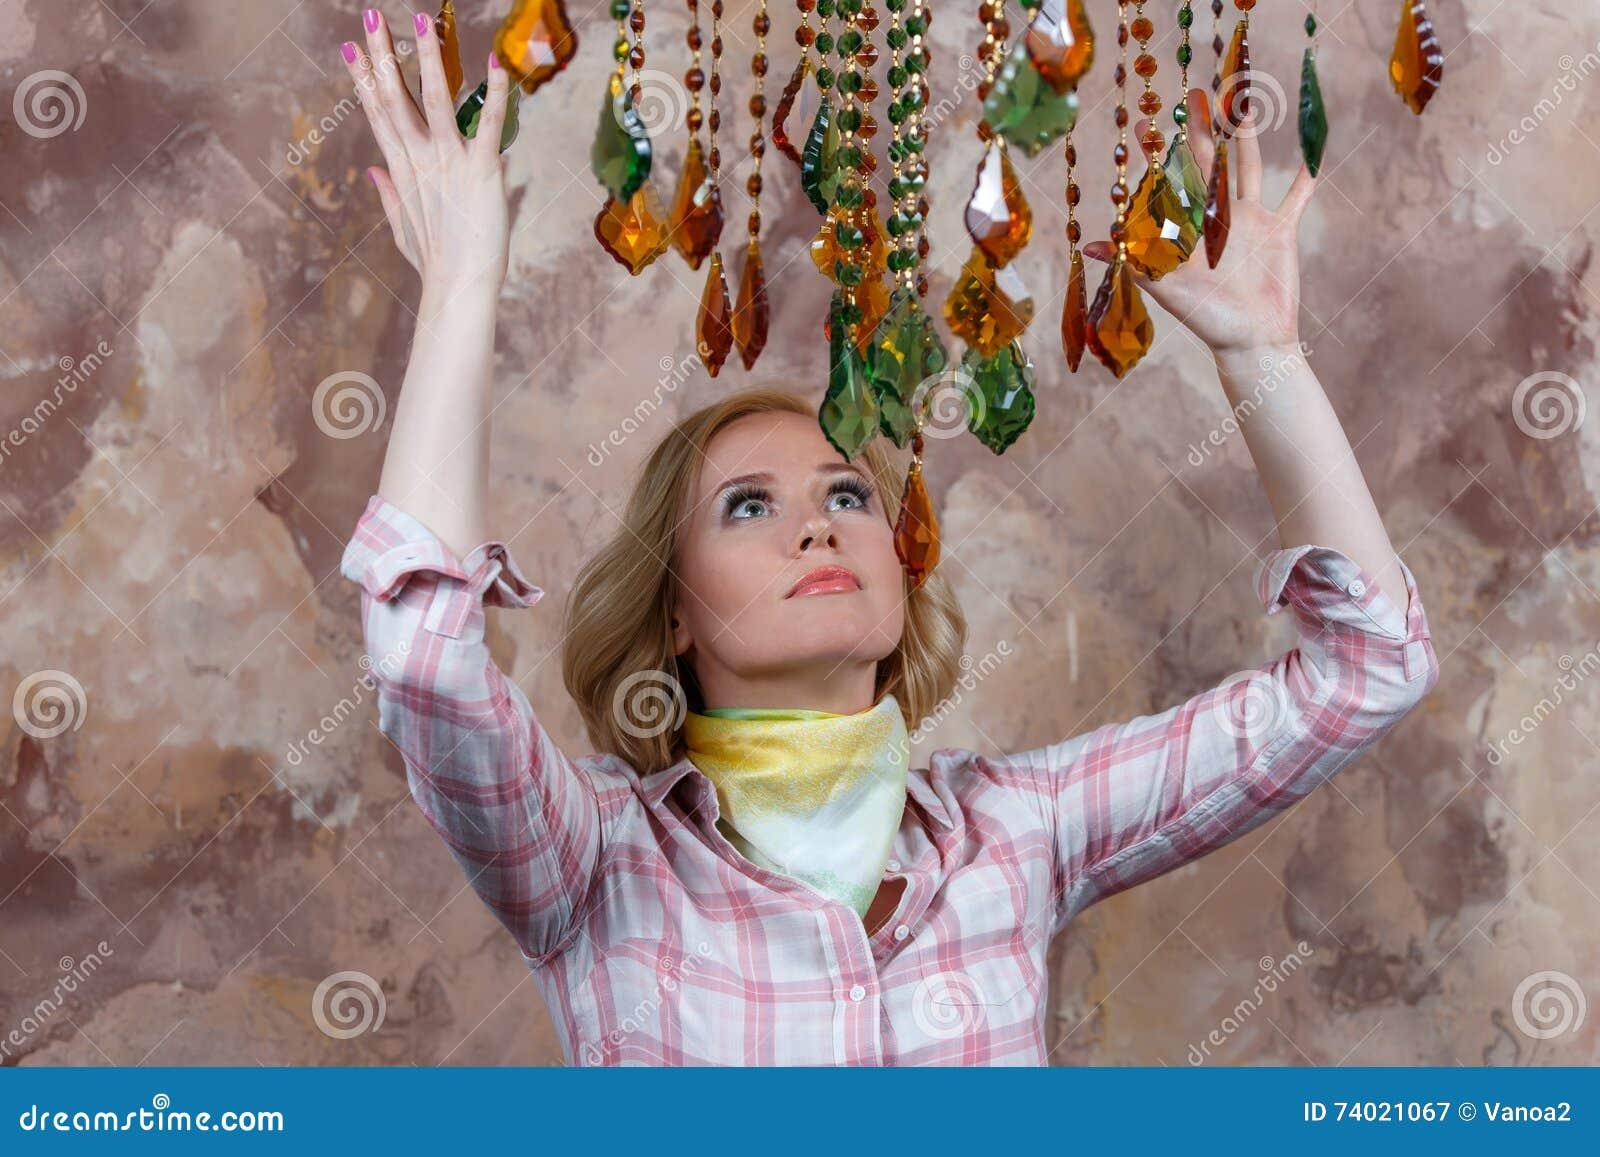 Jovem mulher misteriosa que faz um ritual com suas pedras mágicas